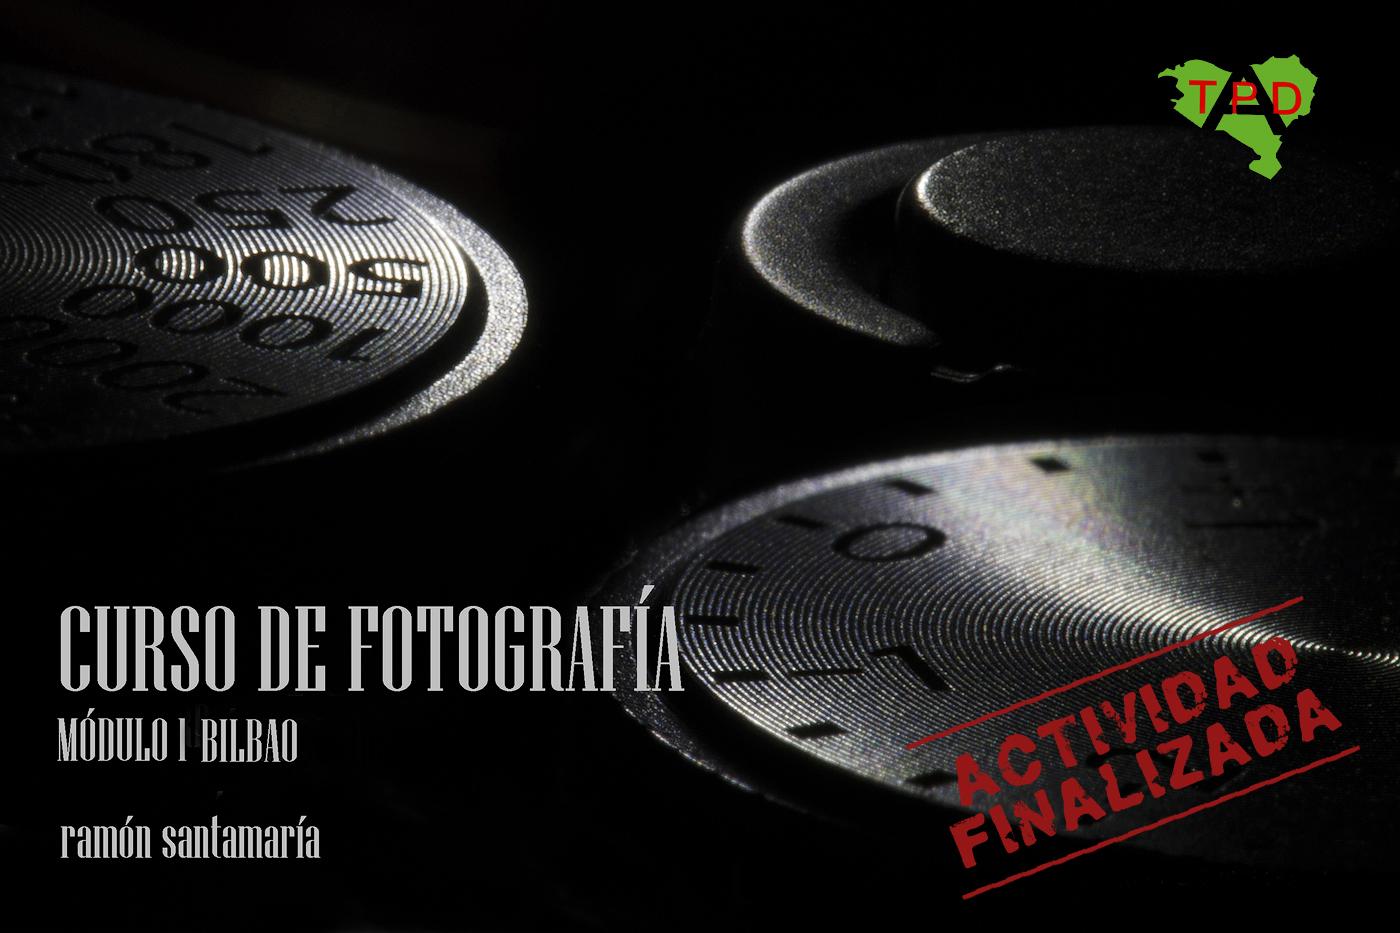 Curso de Fotografía 11 -12 de Enero 2019